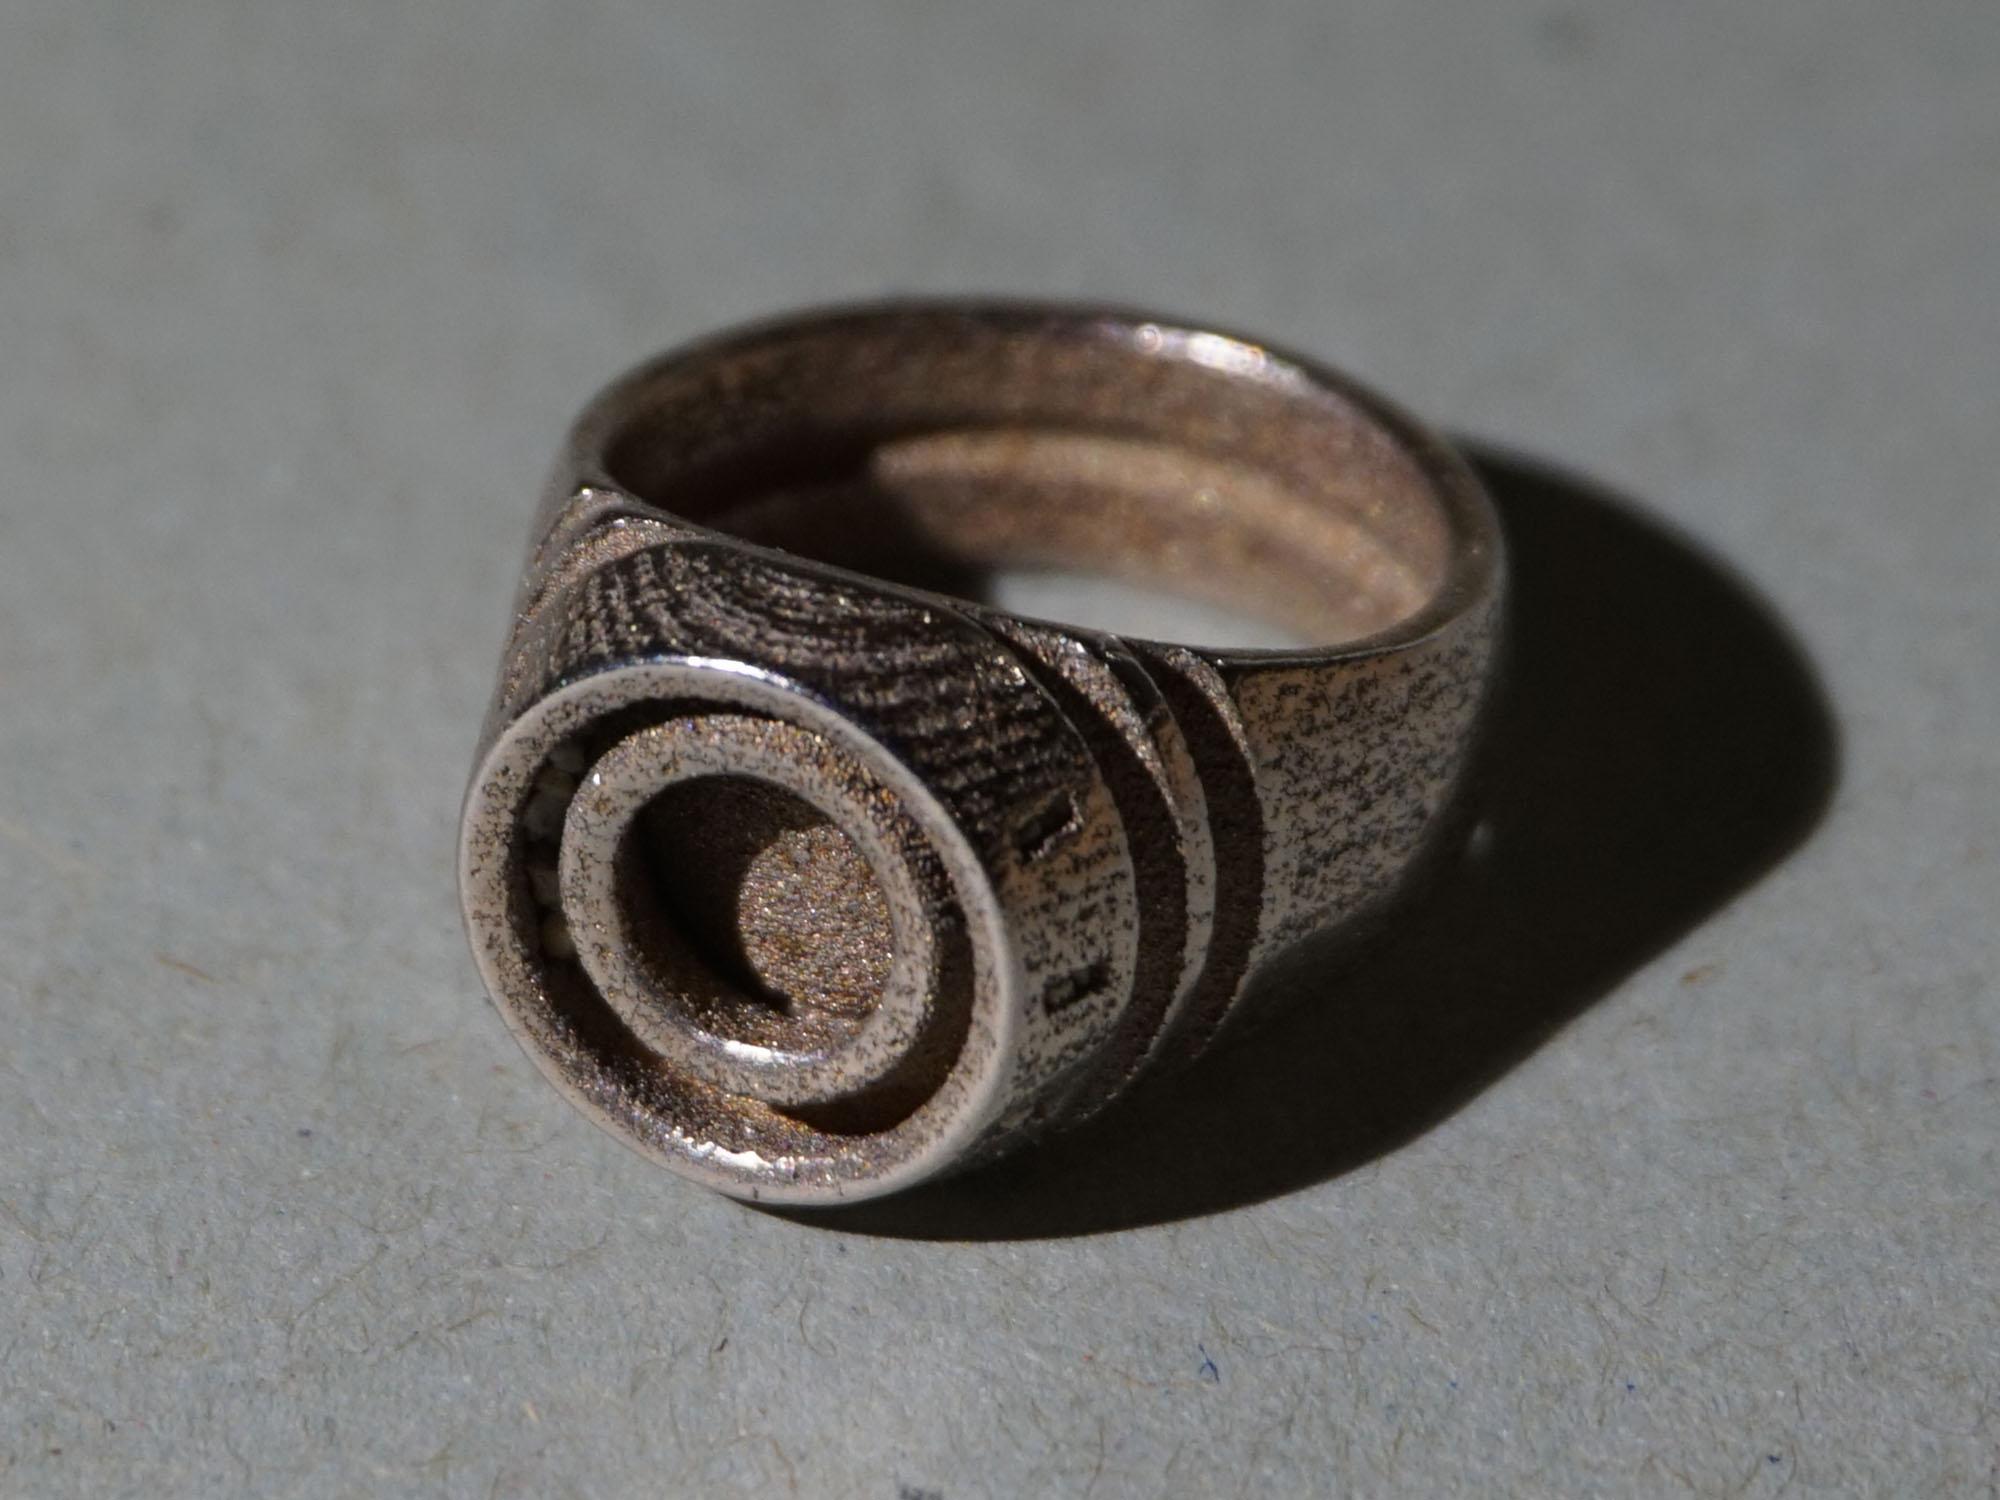 rook-ring-steel-2.jpg